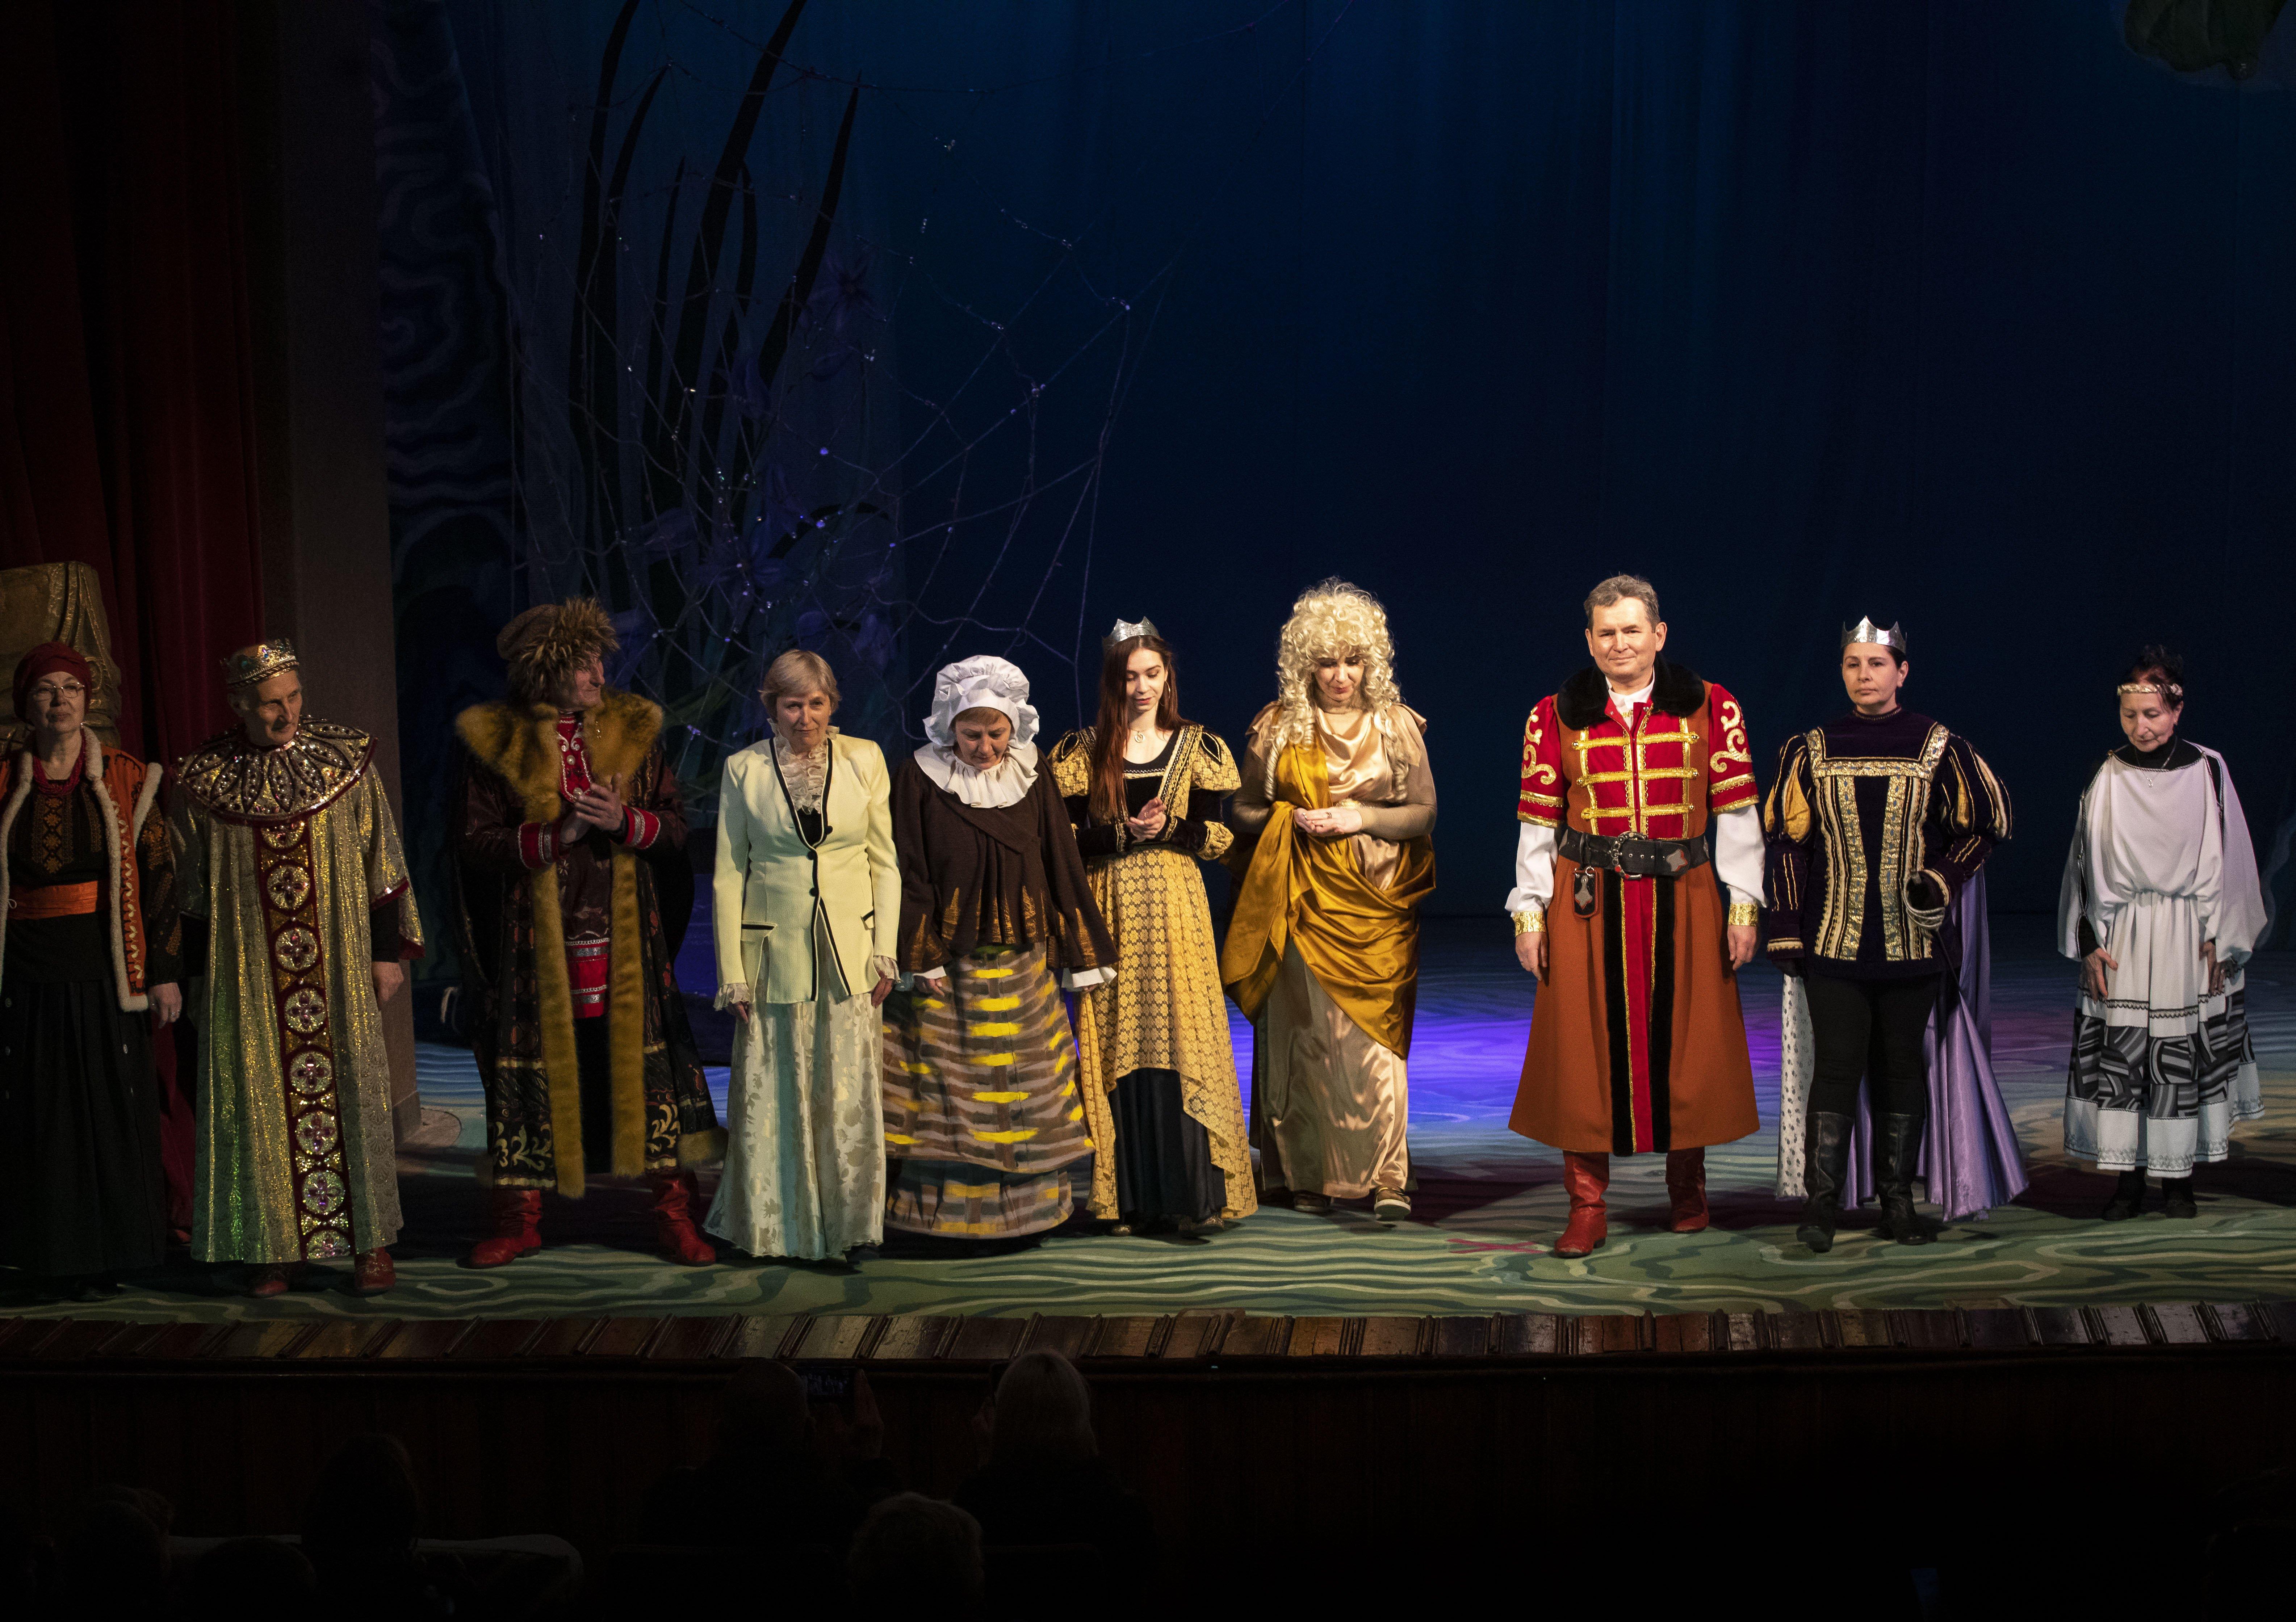 В Театре для детей и юношества пожарные вышли на сцену (фото)